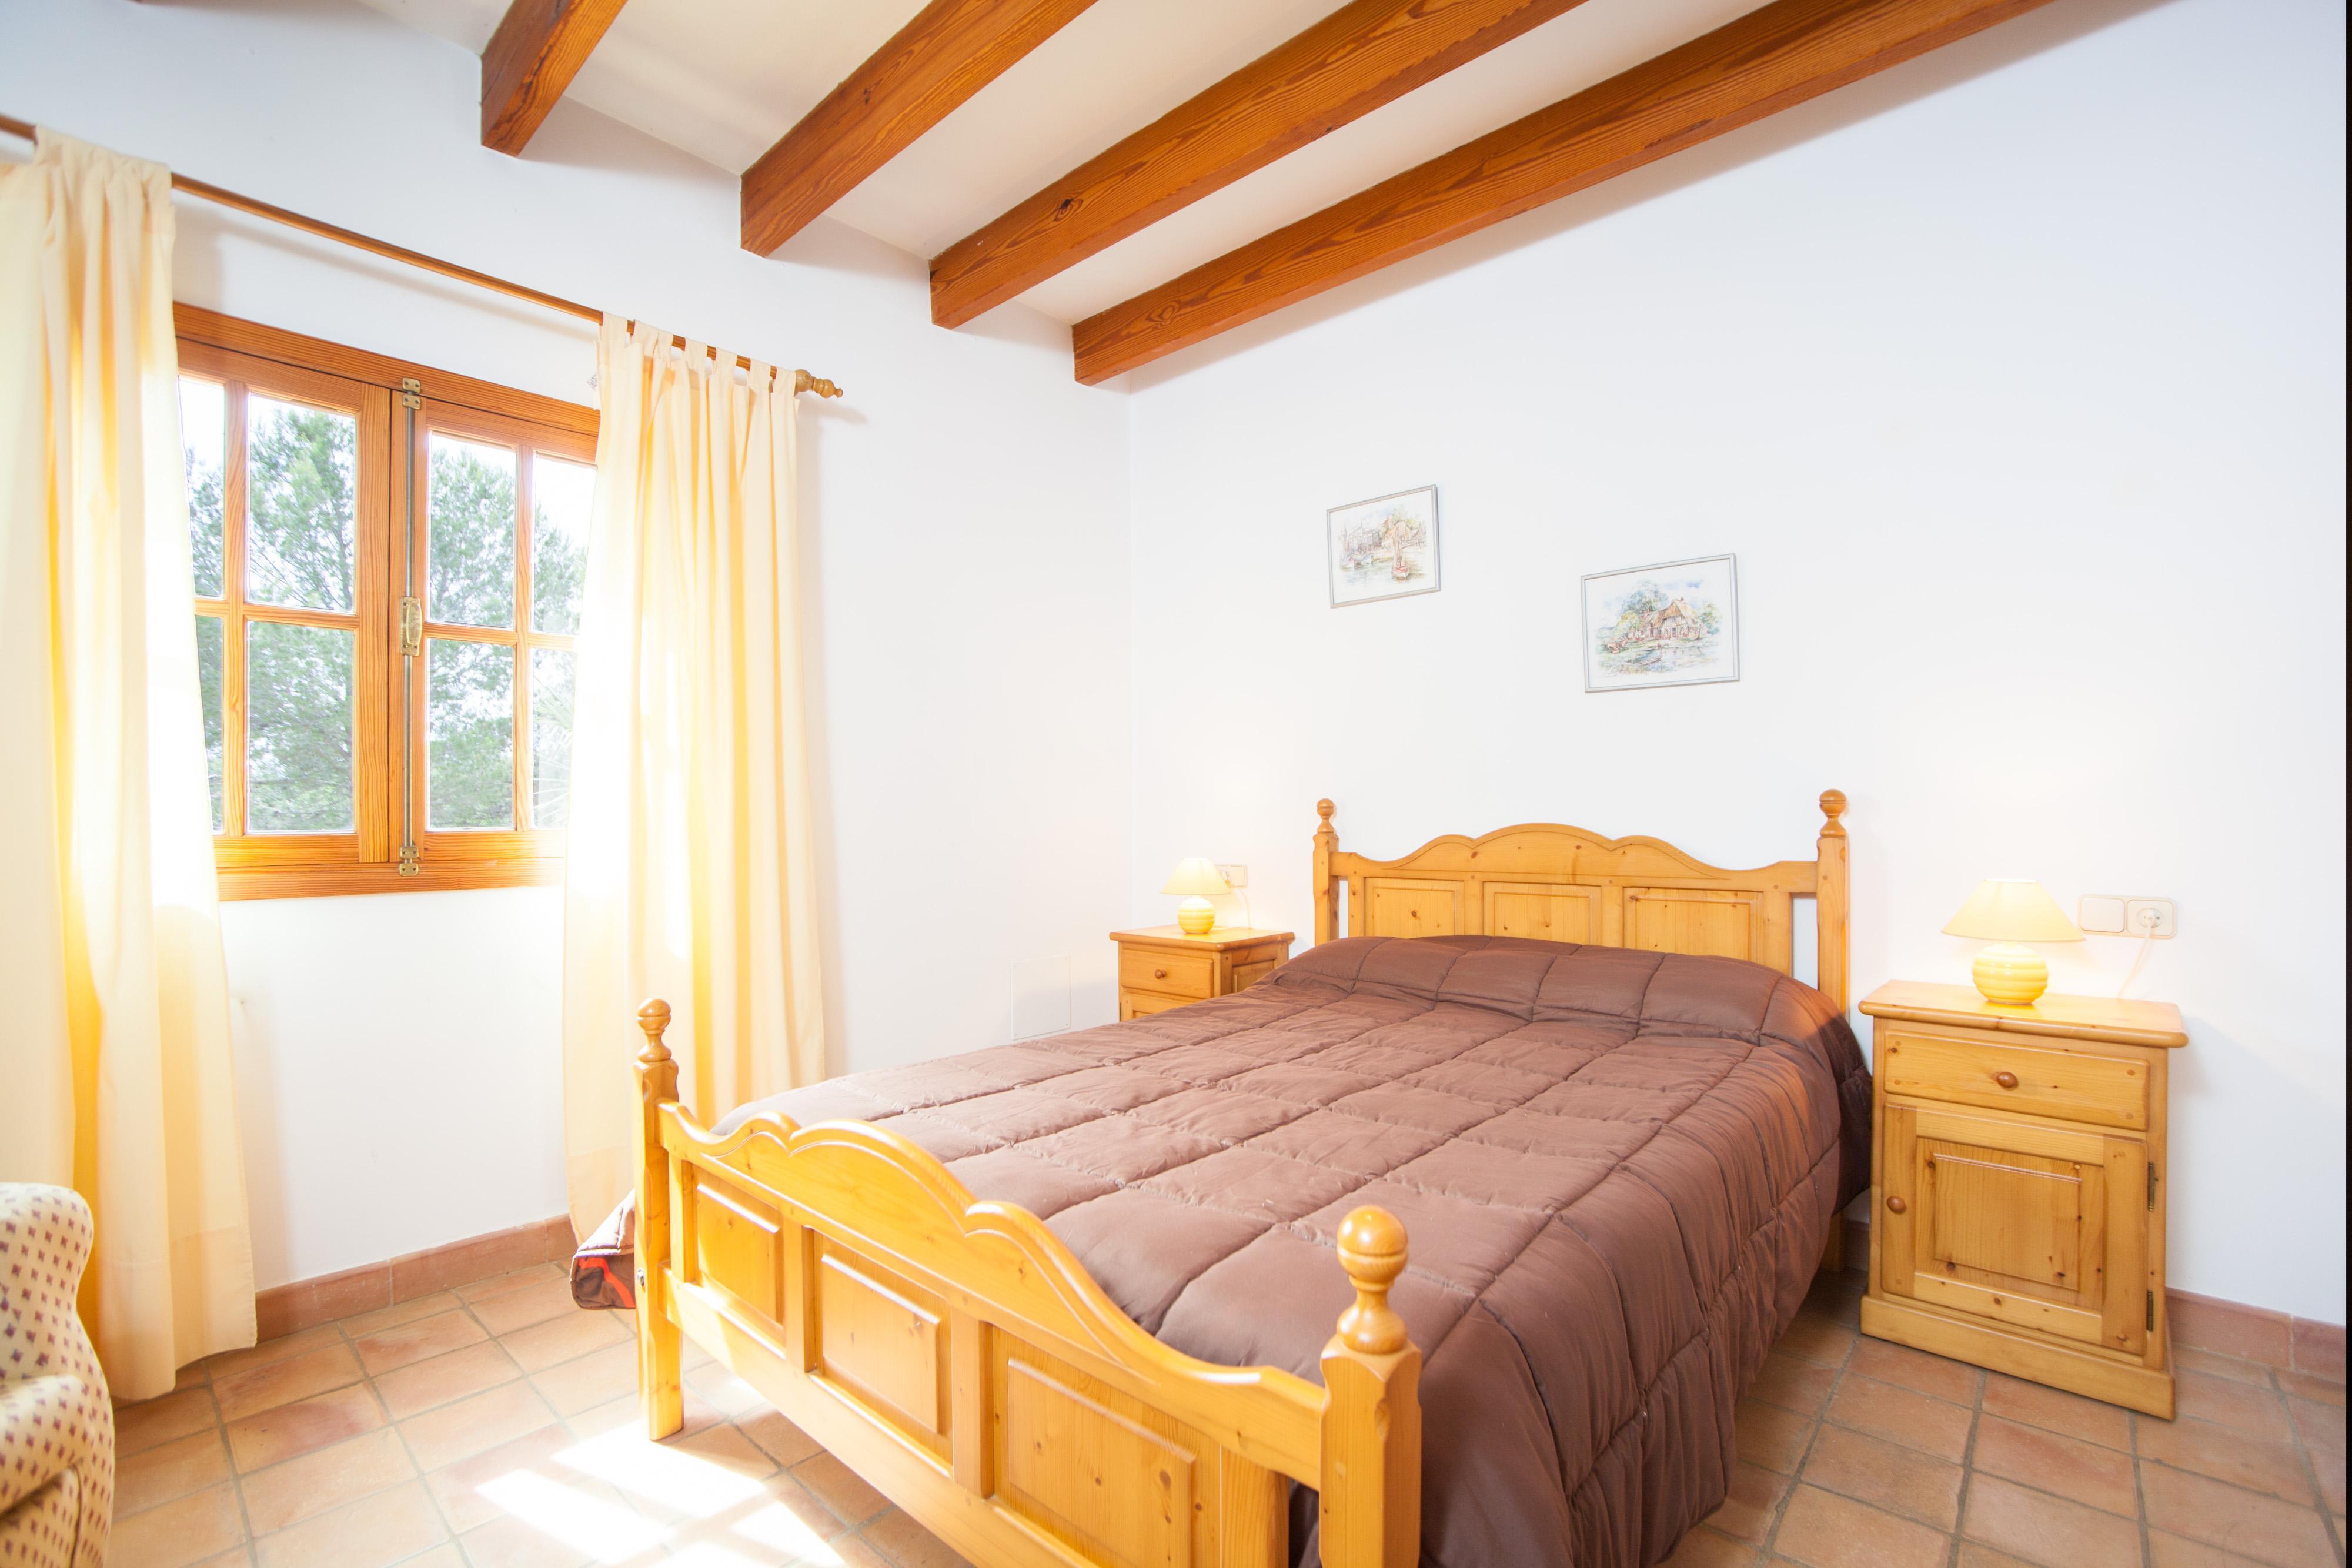 Maison de vacances SON BRINES (1871713), Lloret de Vistalegre, Majorque, Iles Baléares, Espagne, image 20